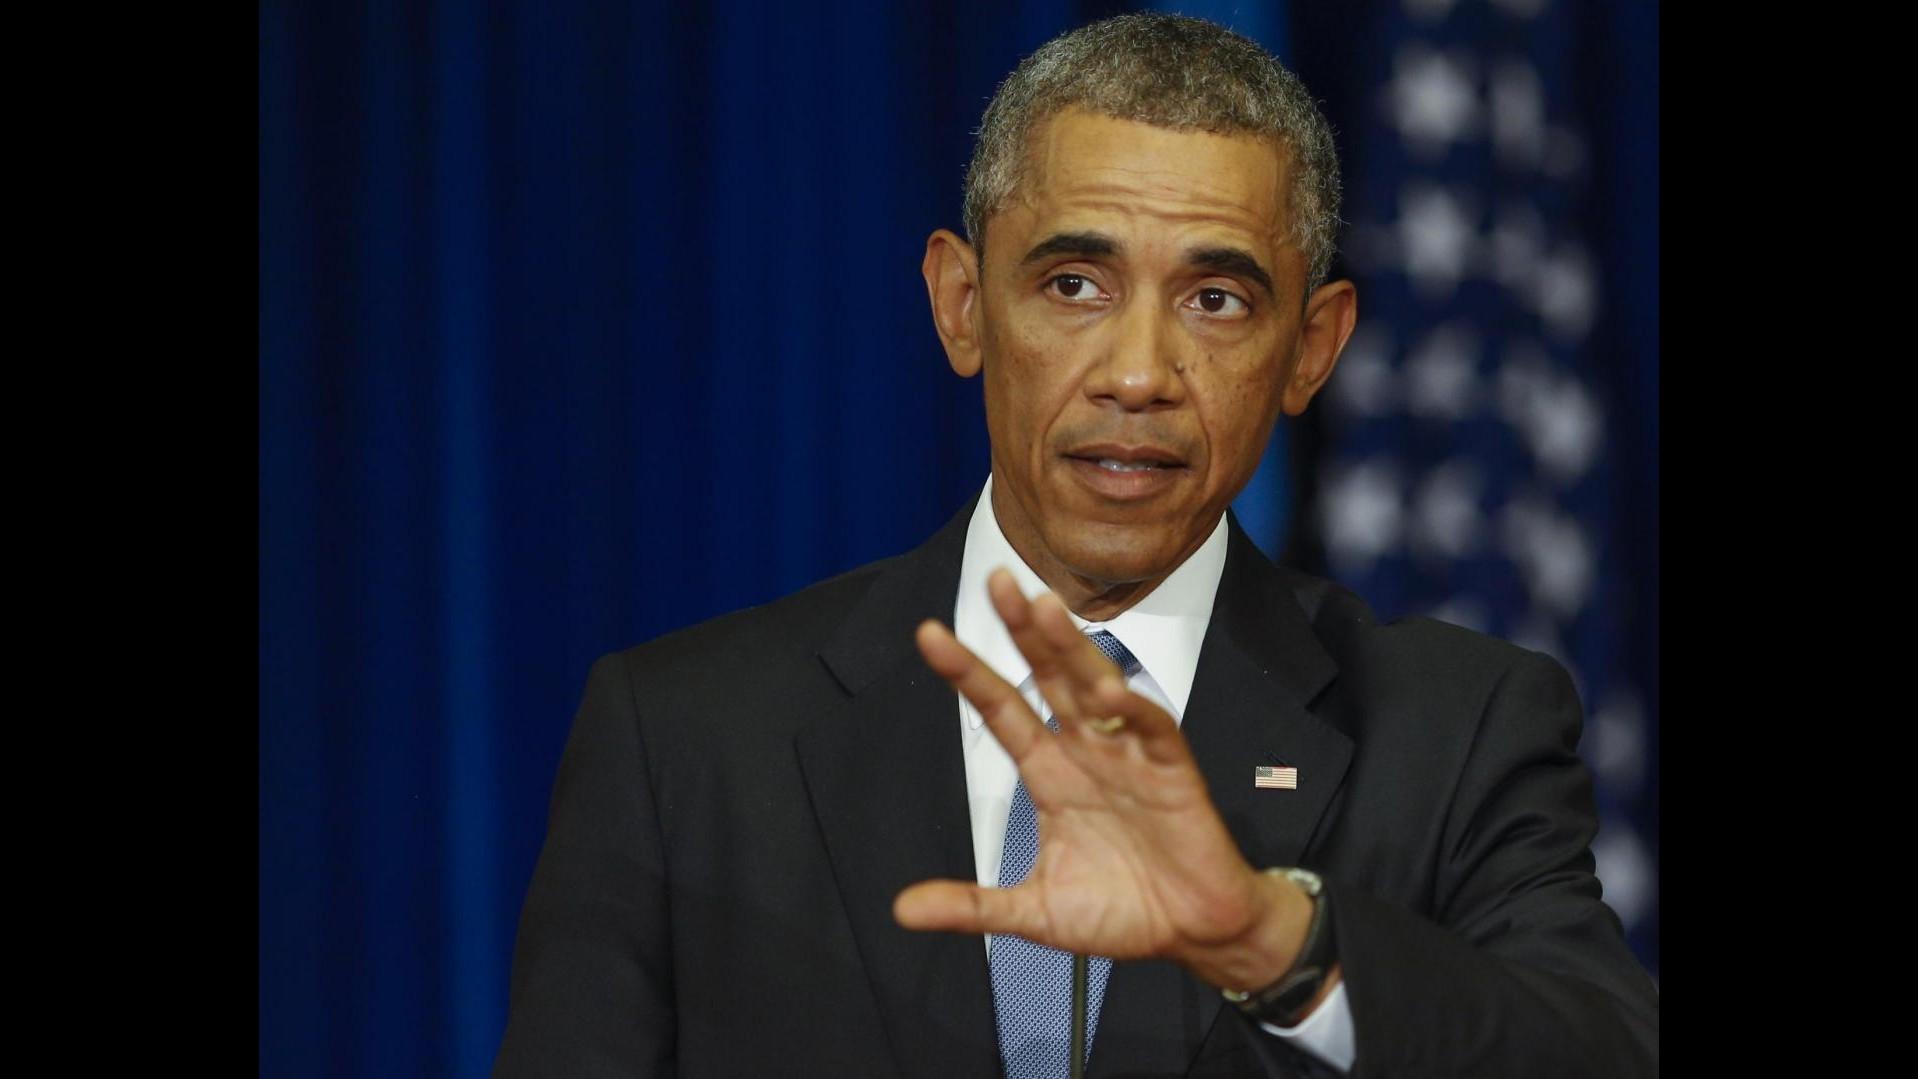 Ucraina, Obama: Confini non si disegnano con pistola alla testa